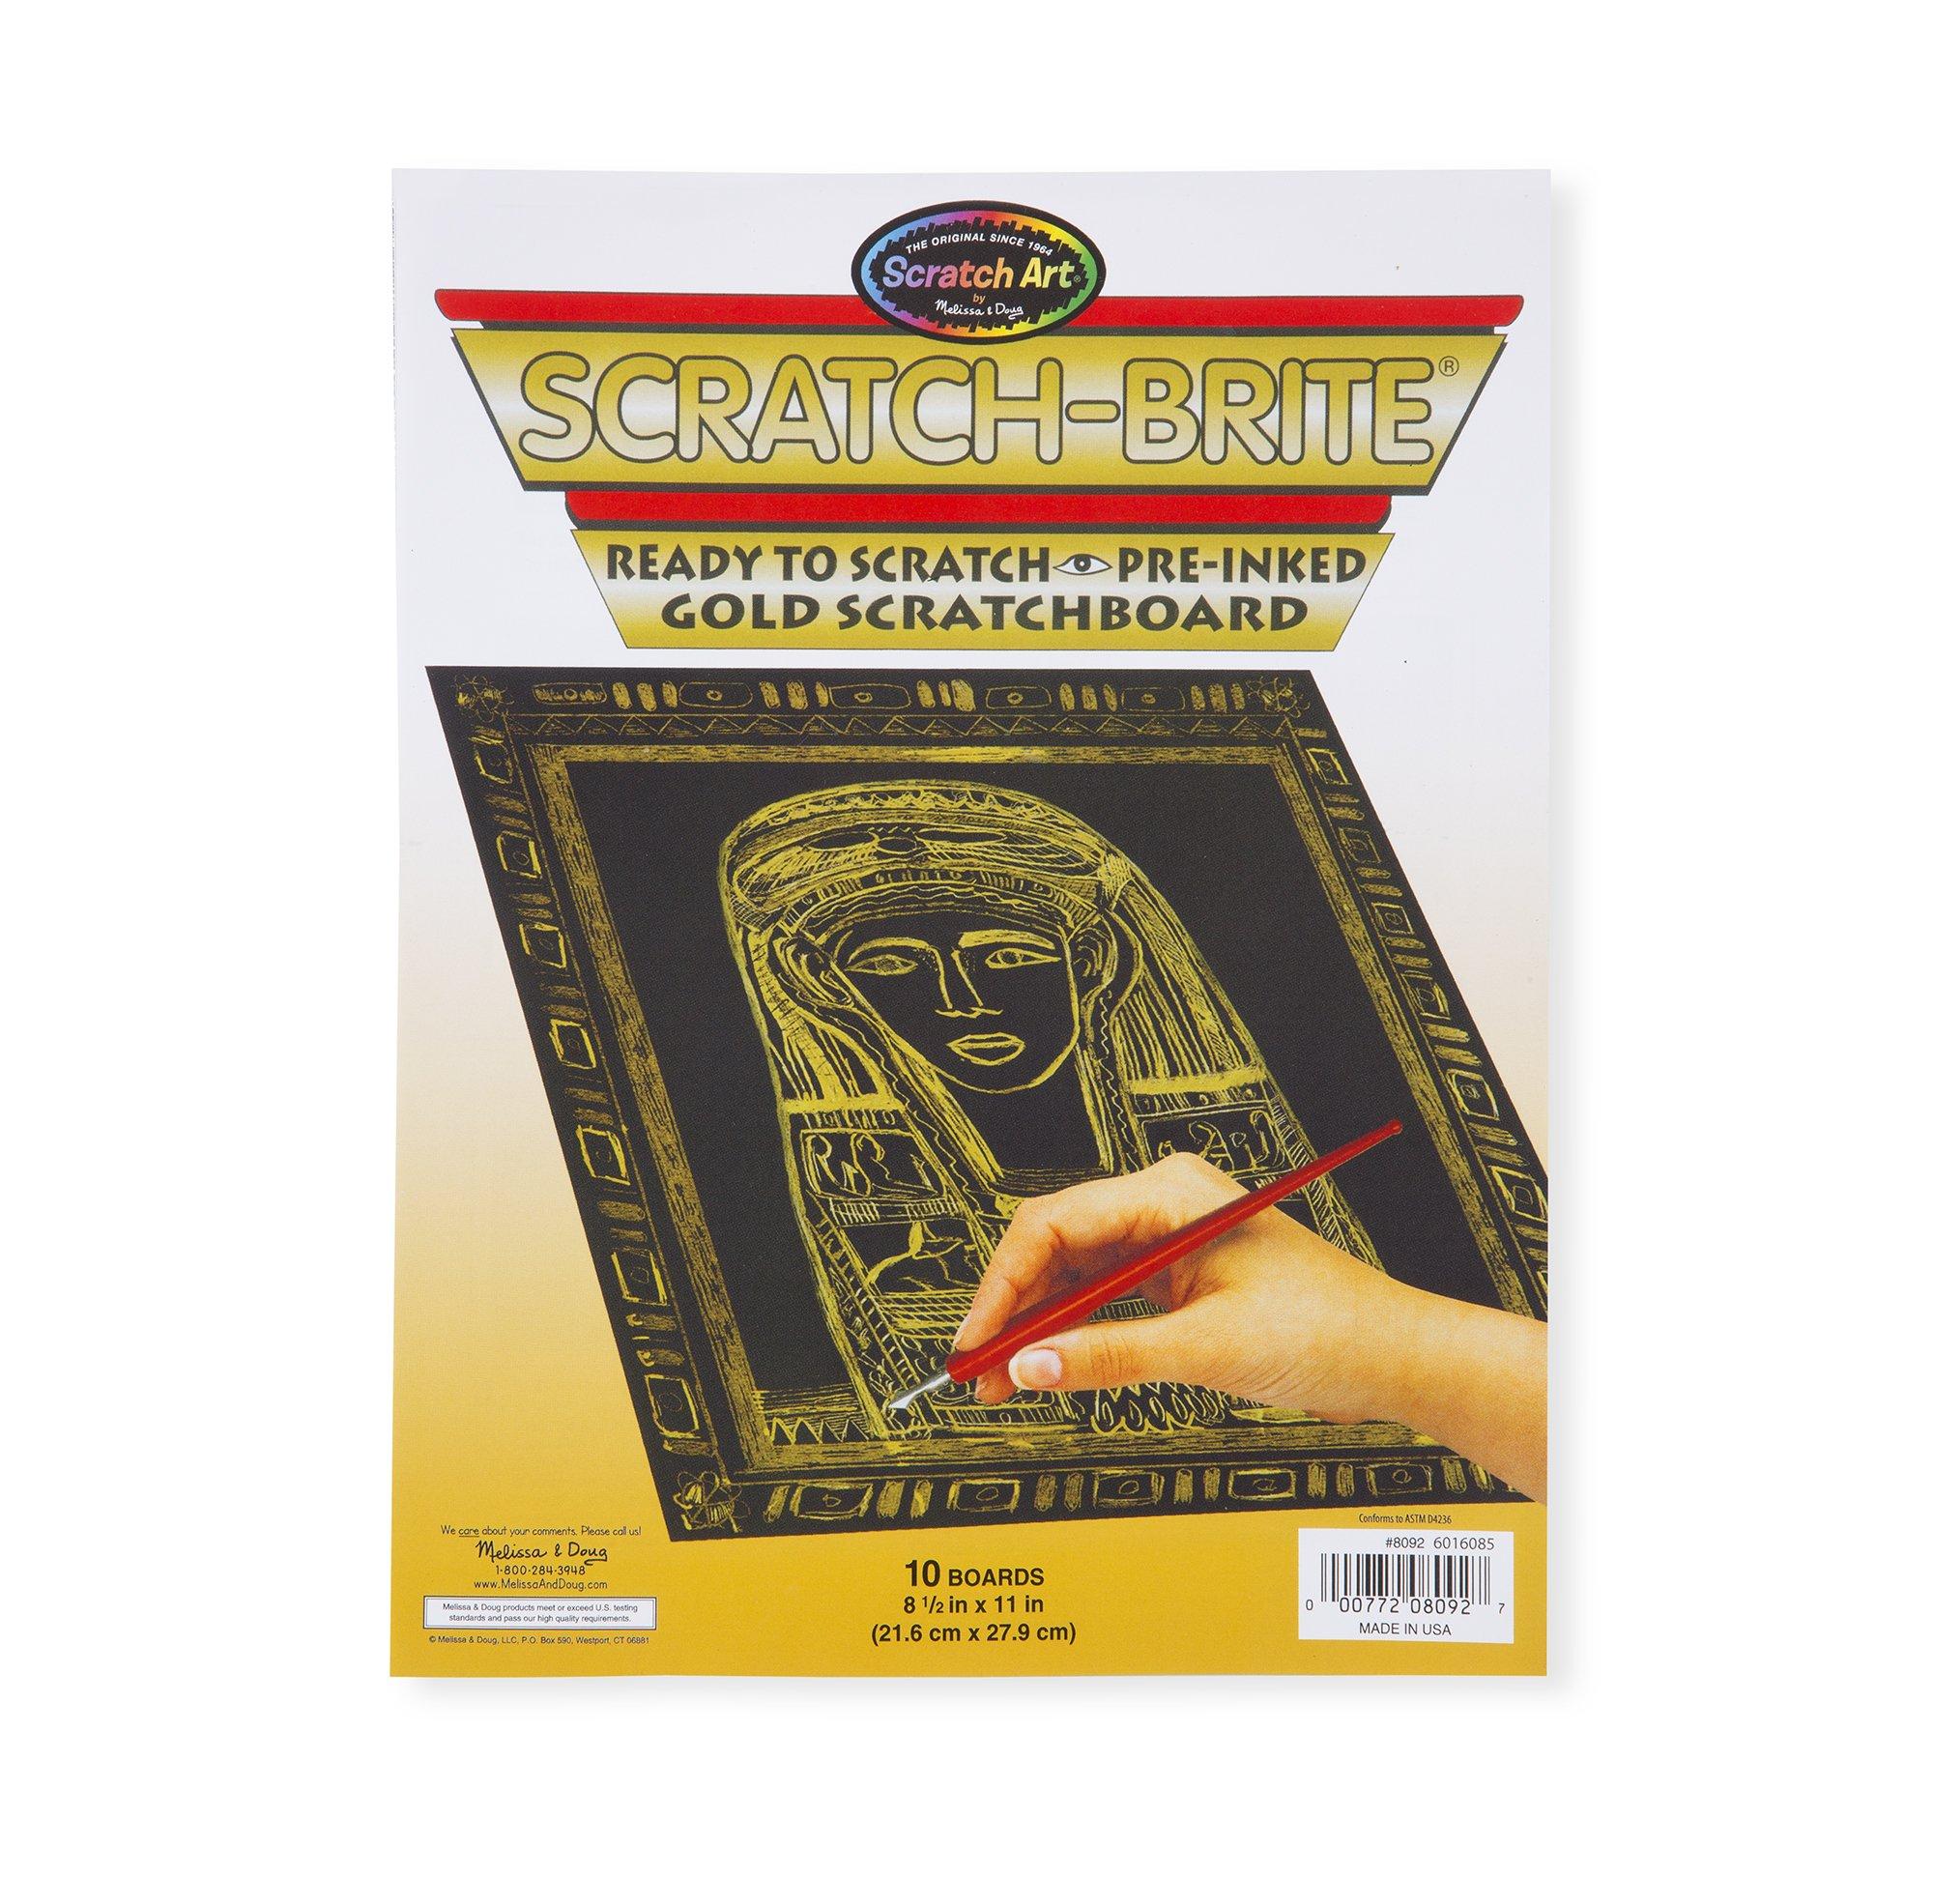 Melissa & Doug Scratch Art Scratchboard - 10-Pack, Shimmering Gold on Black Background